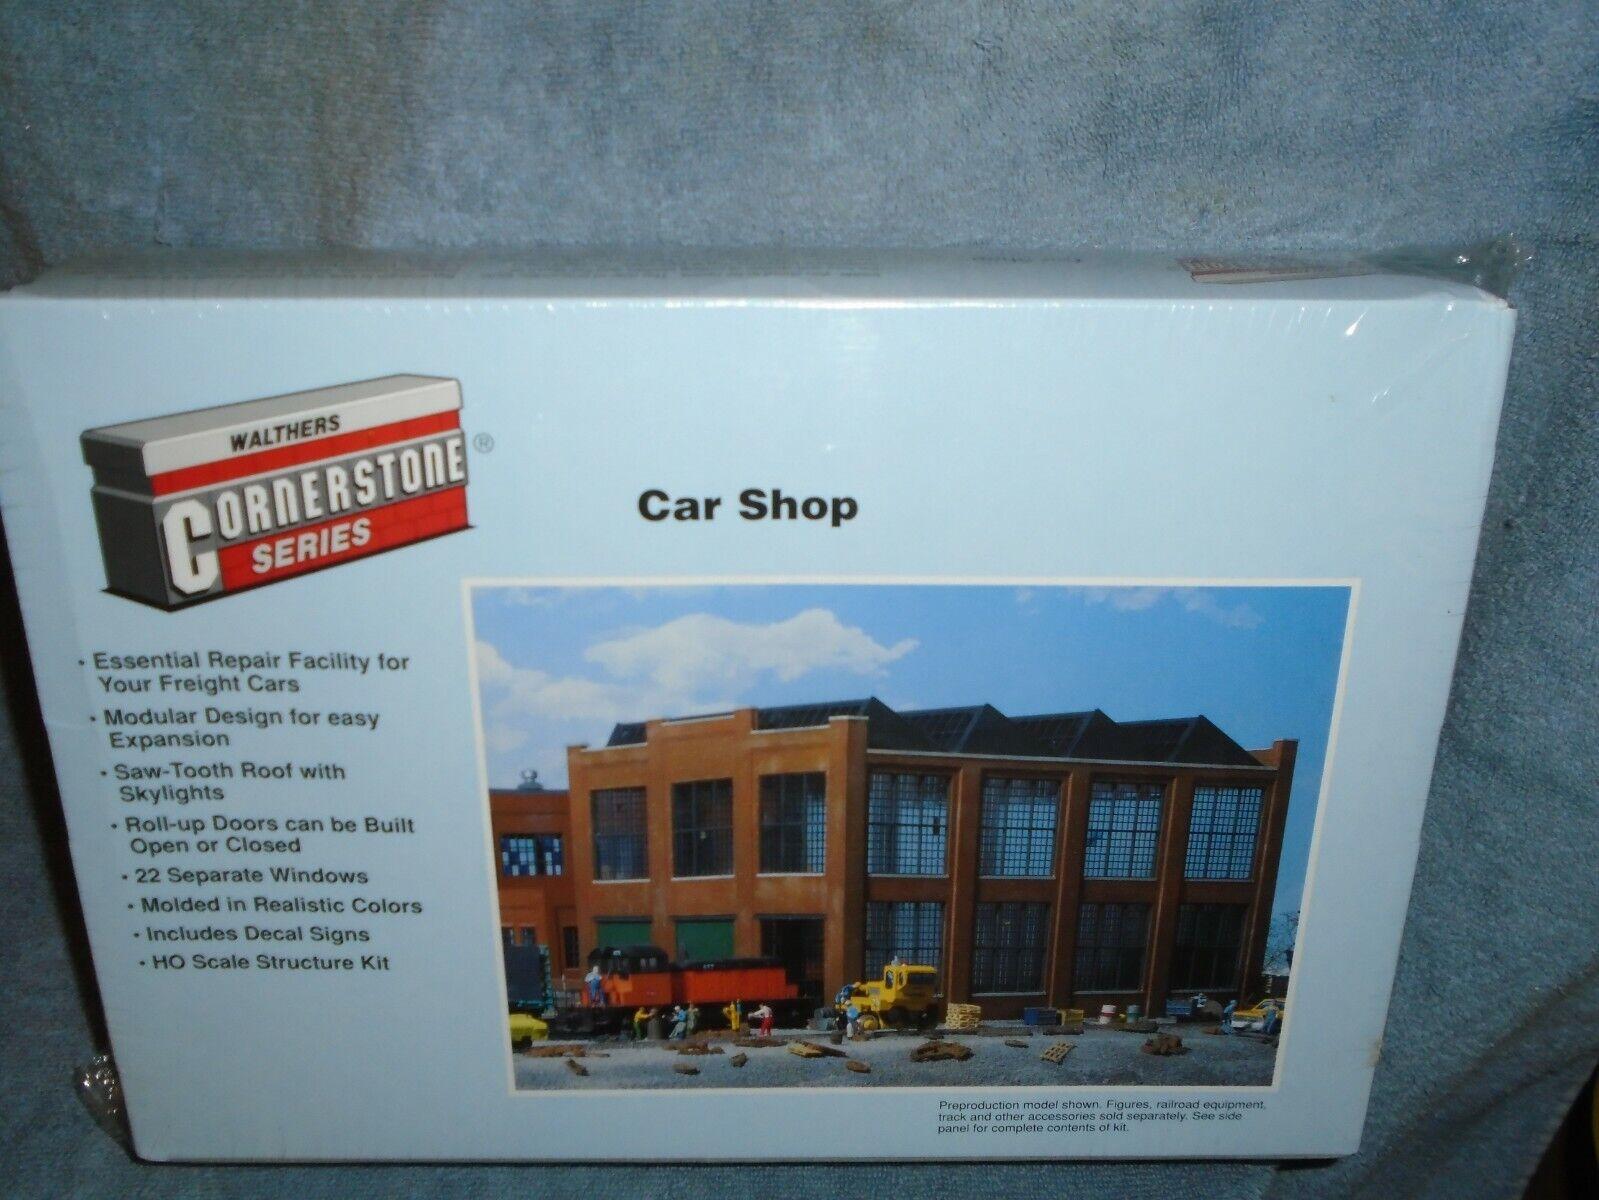 WALTHERS CORNERSTONE SERIES HO SCALE  9333040 auto negozio